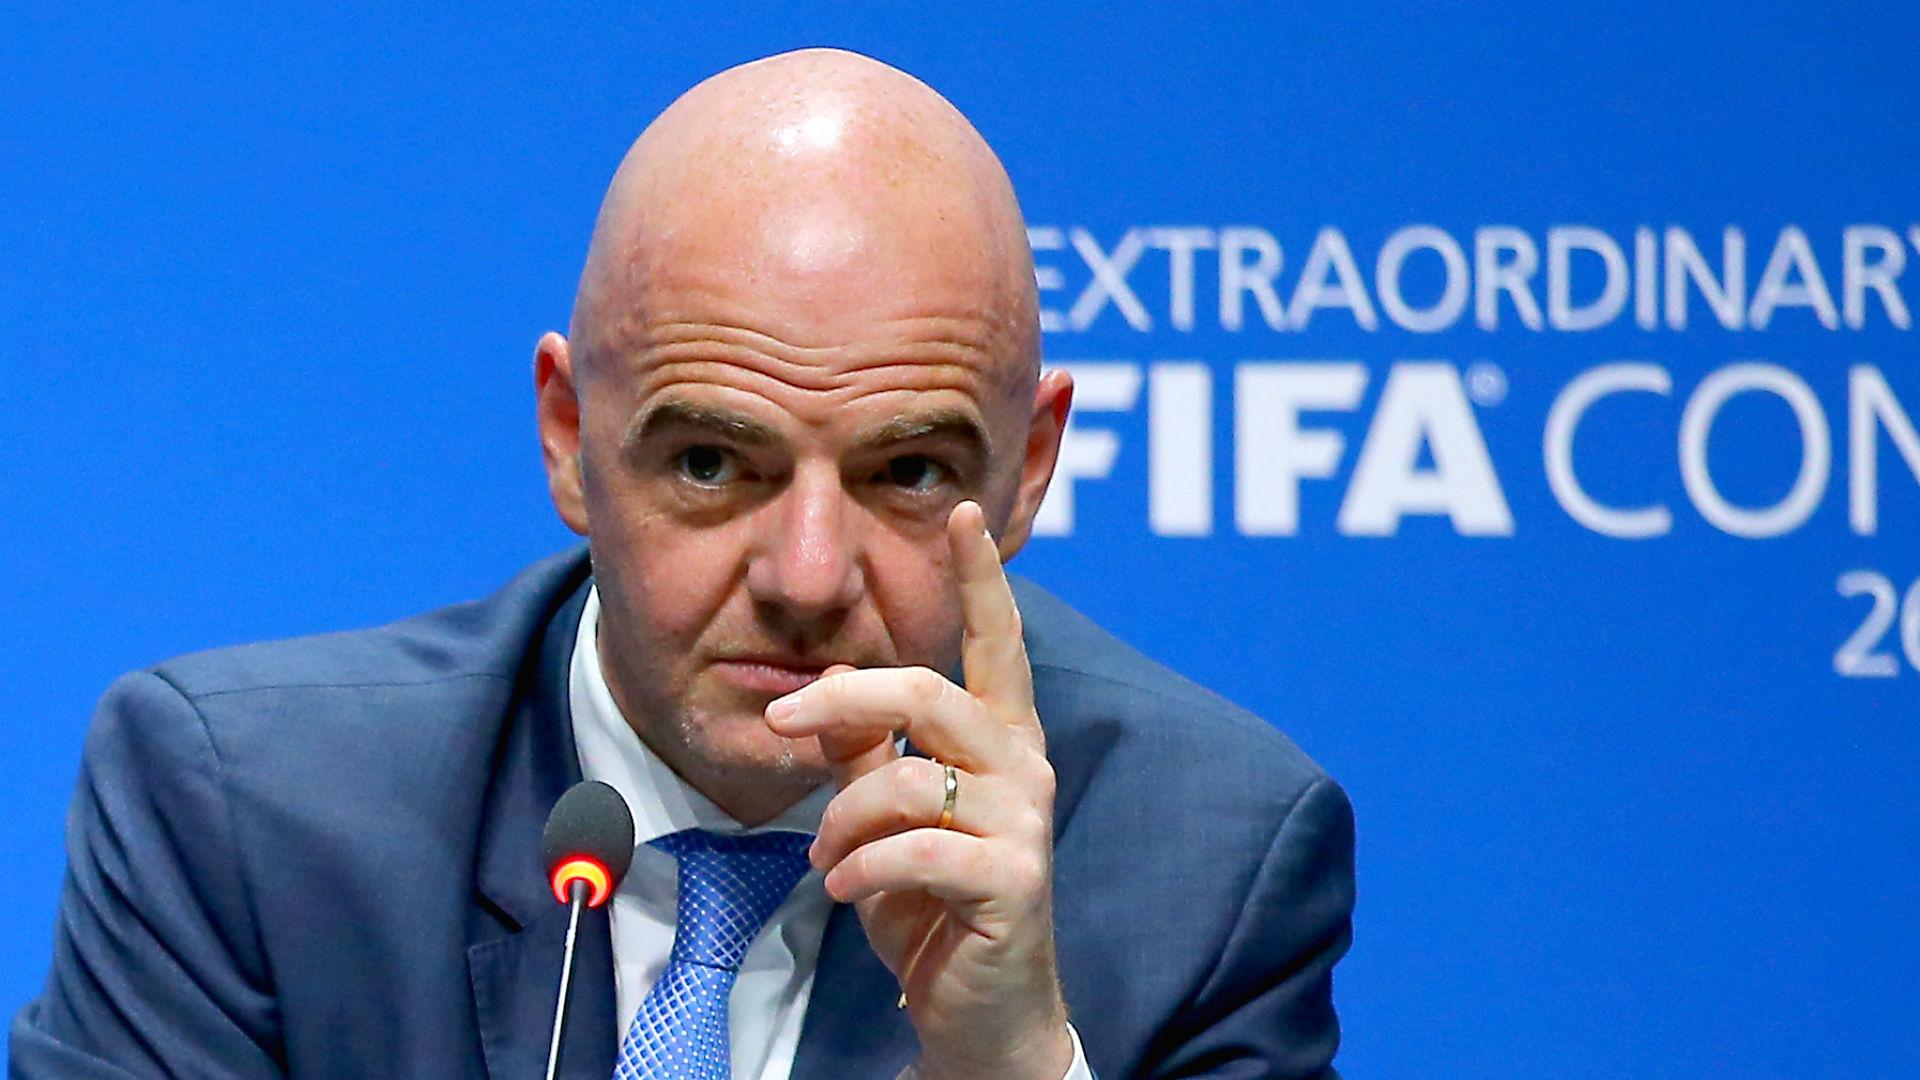 NÓNG: Dự án 48 đội dự World Cup đi đến hồi kết - Bóng Đá